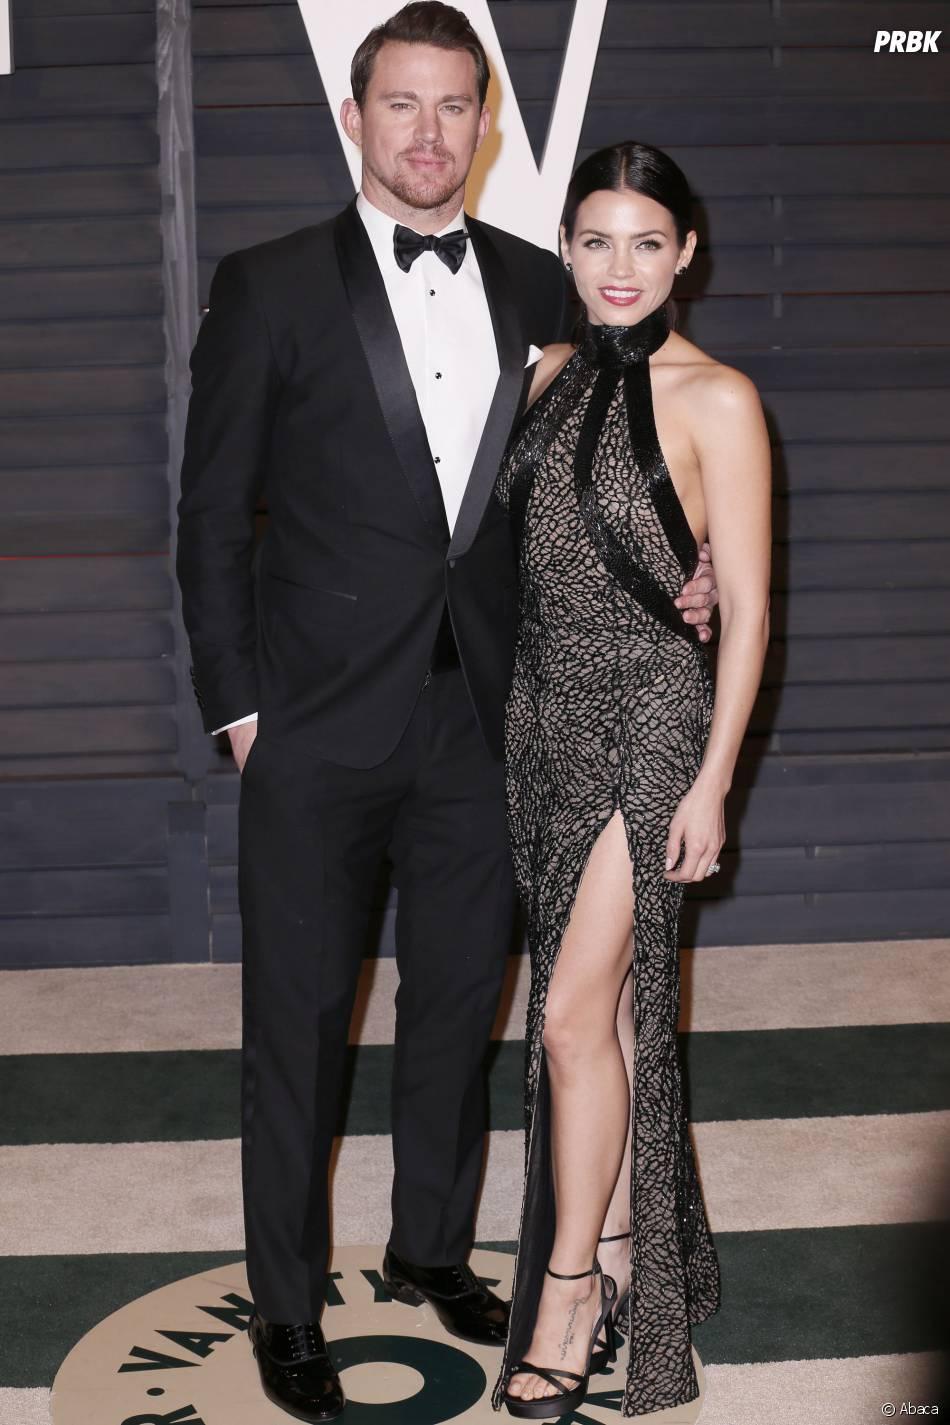 Channing Tatum et Jenna Dewan-Tatum à l'after party des Oscars 2015 organisée par Vanity Fair le 22 février